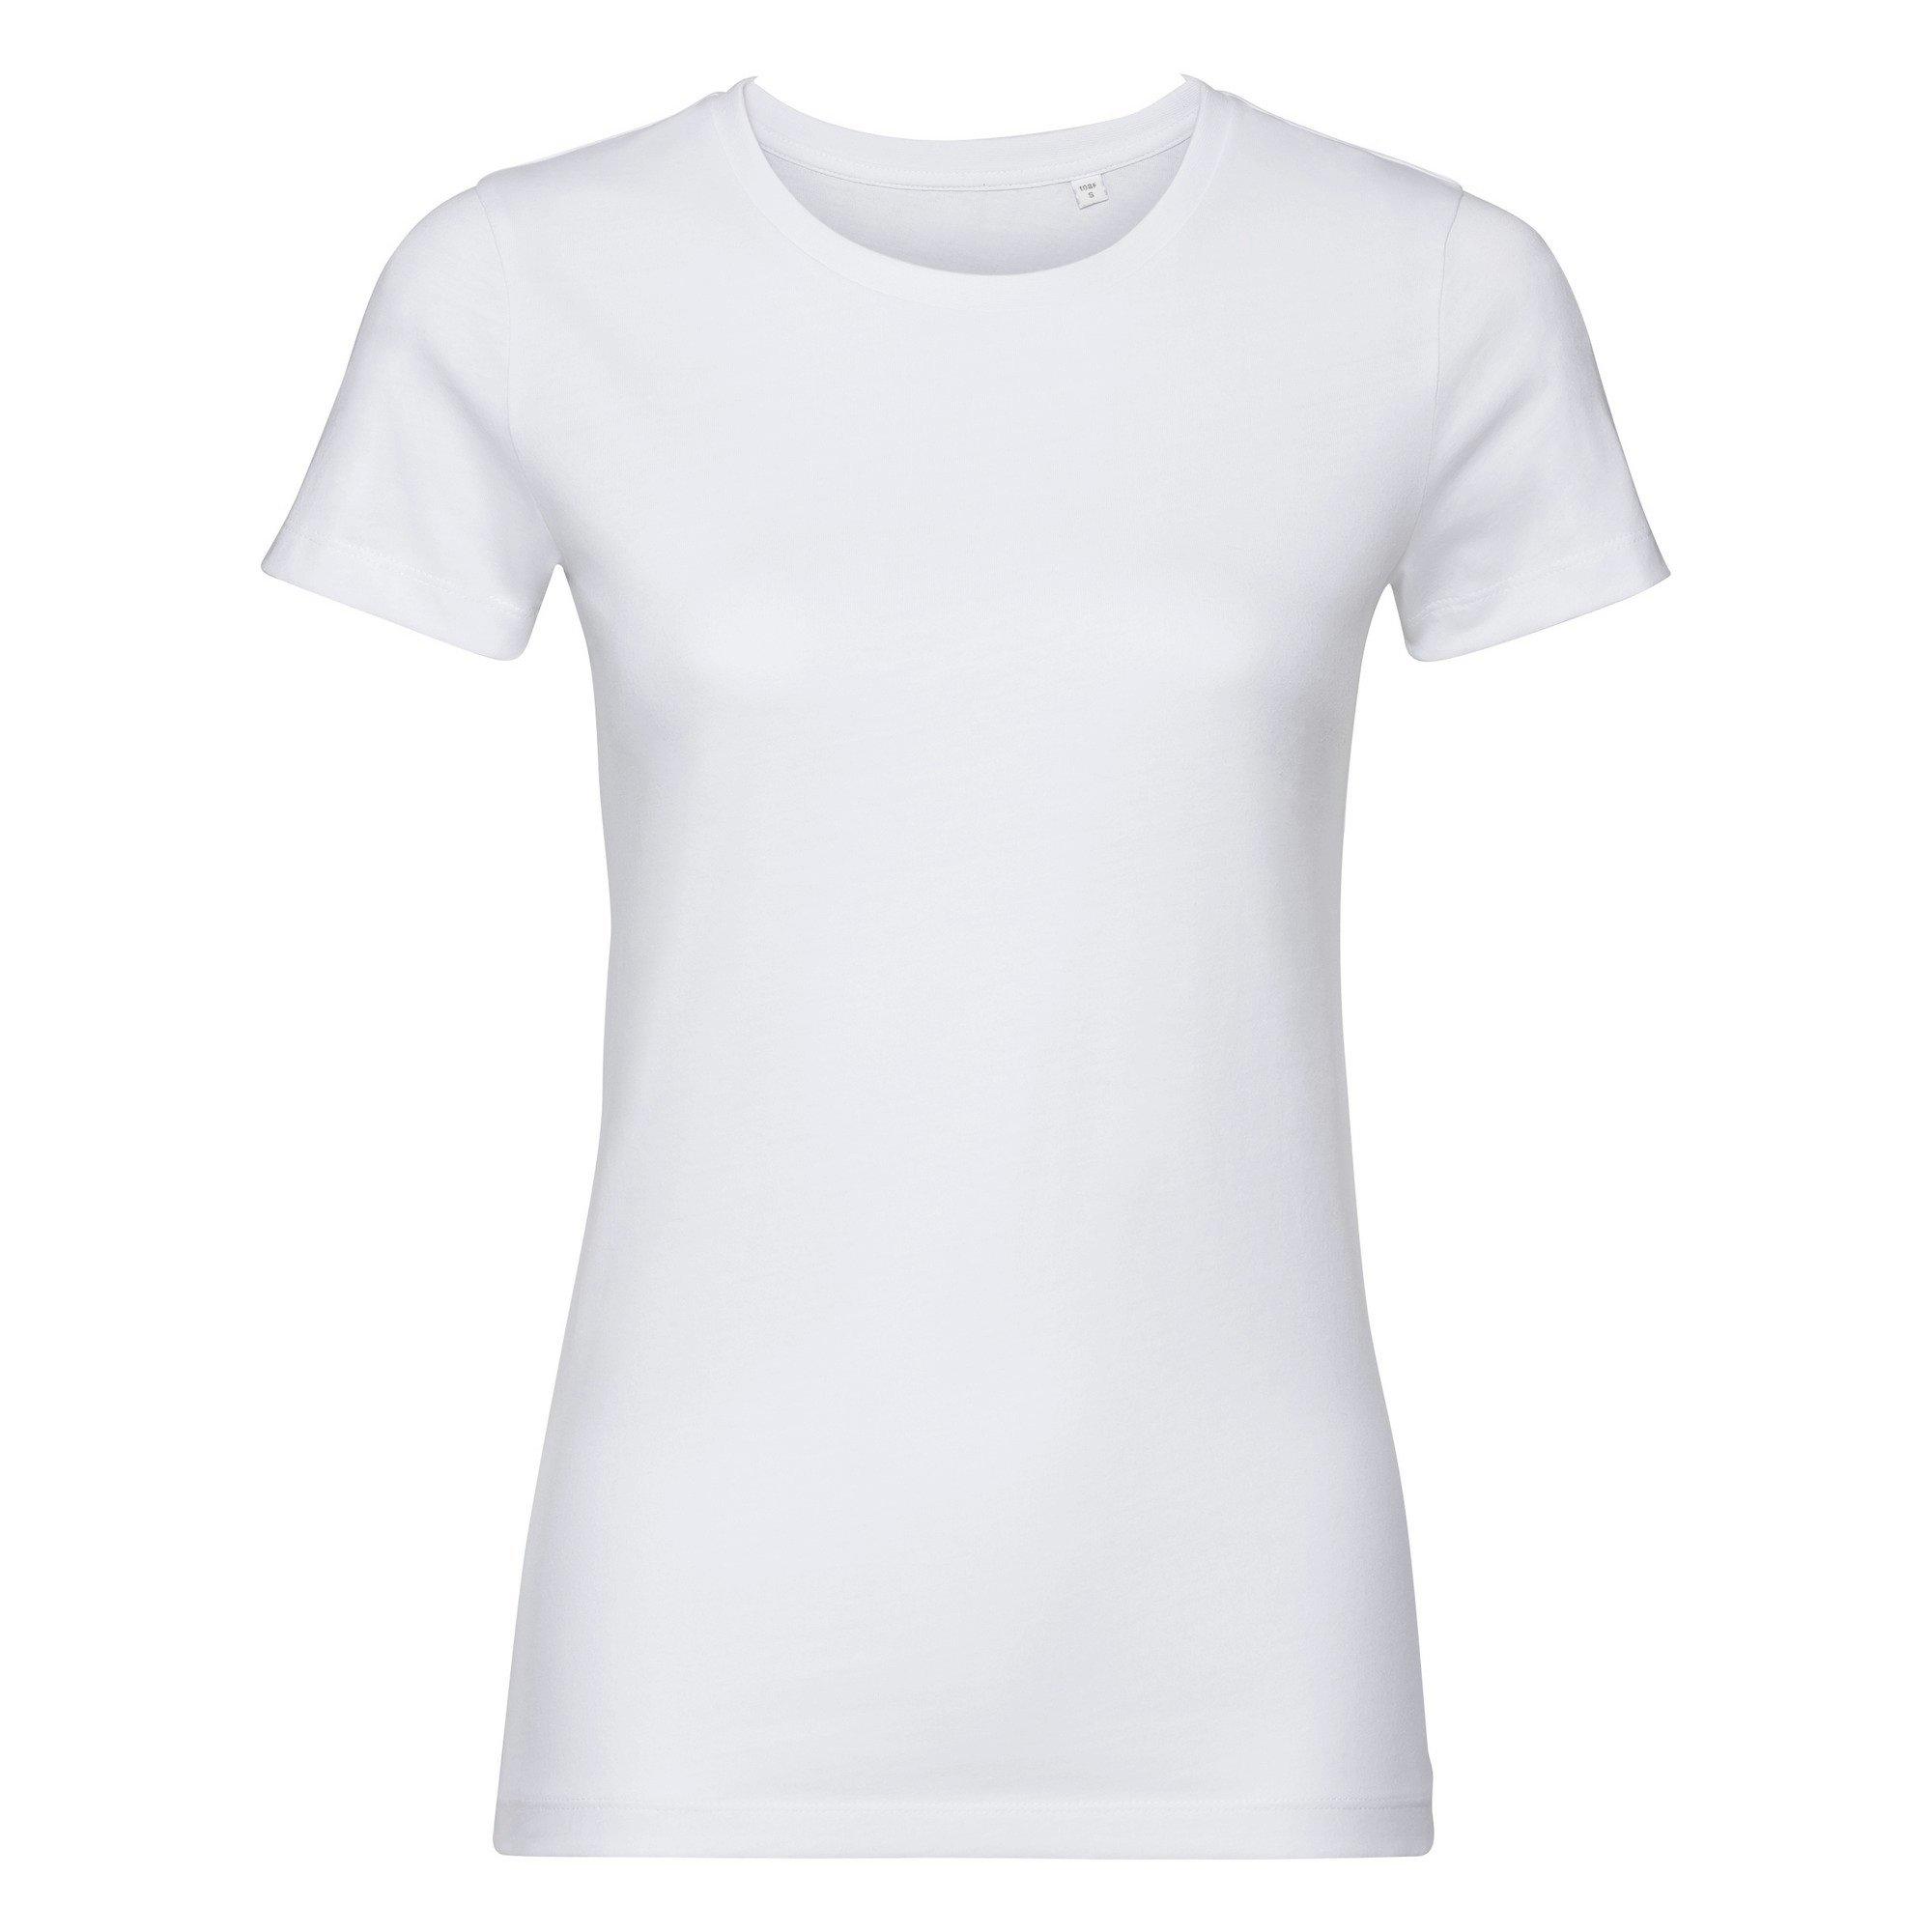 Russell T-shirt »Damen Authentic« goedkoop op otto.nl kopen